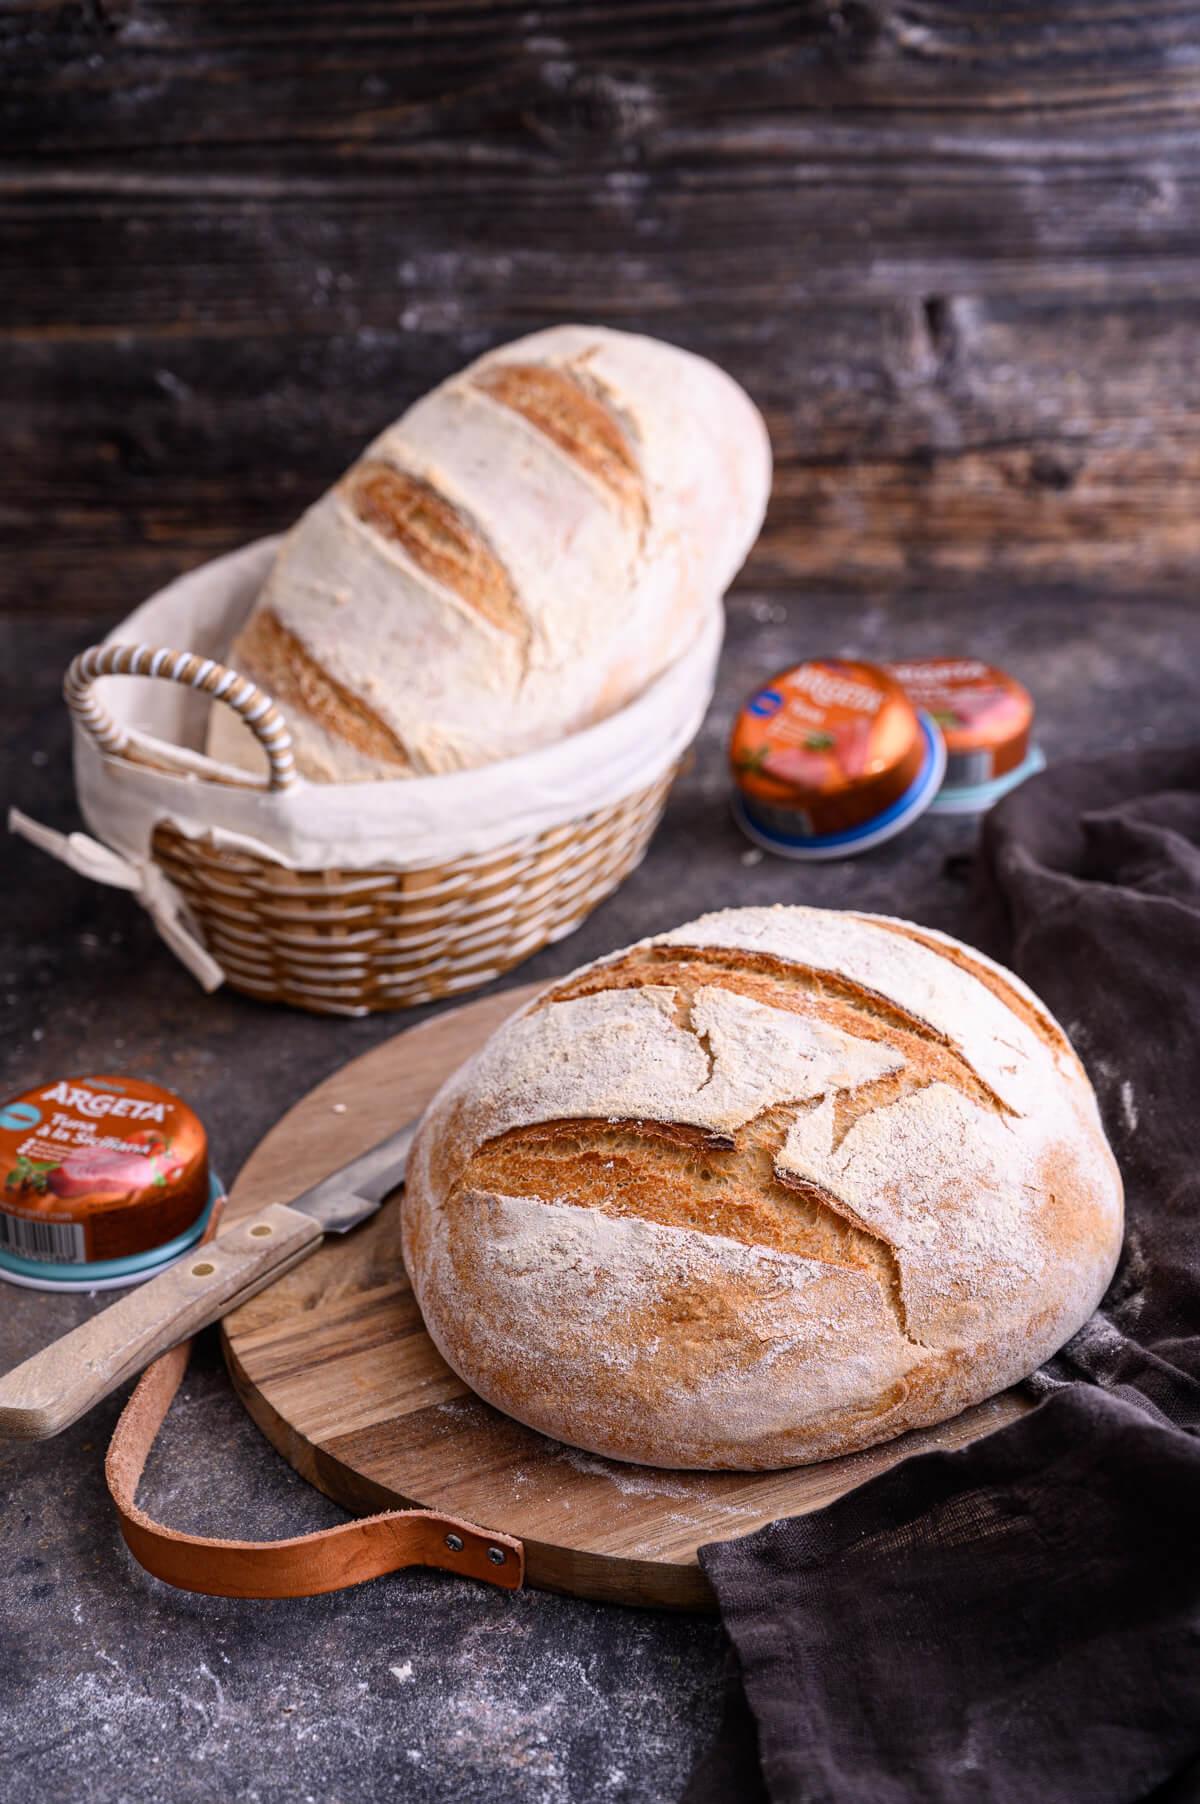 domači kruh z Argeto